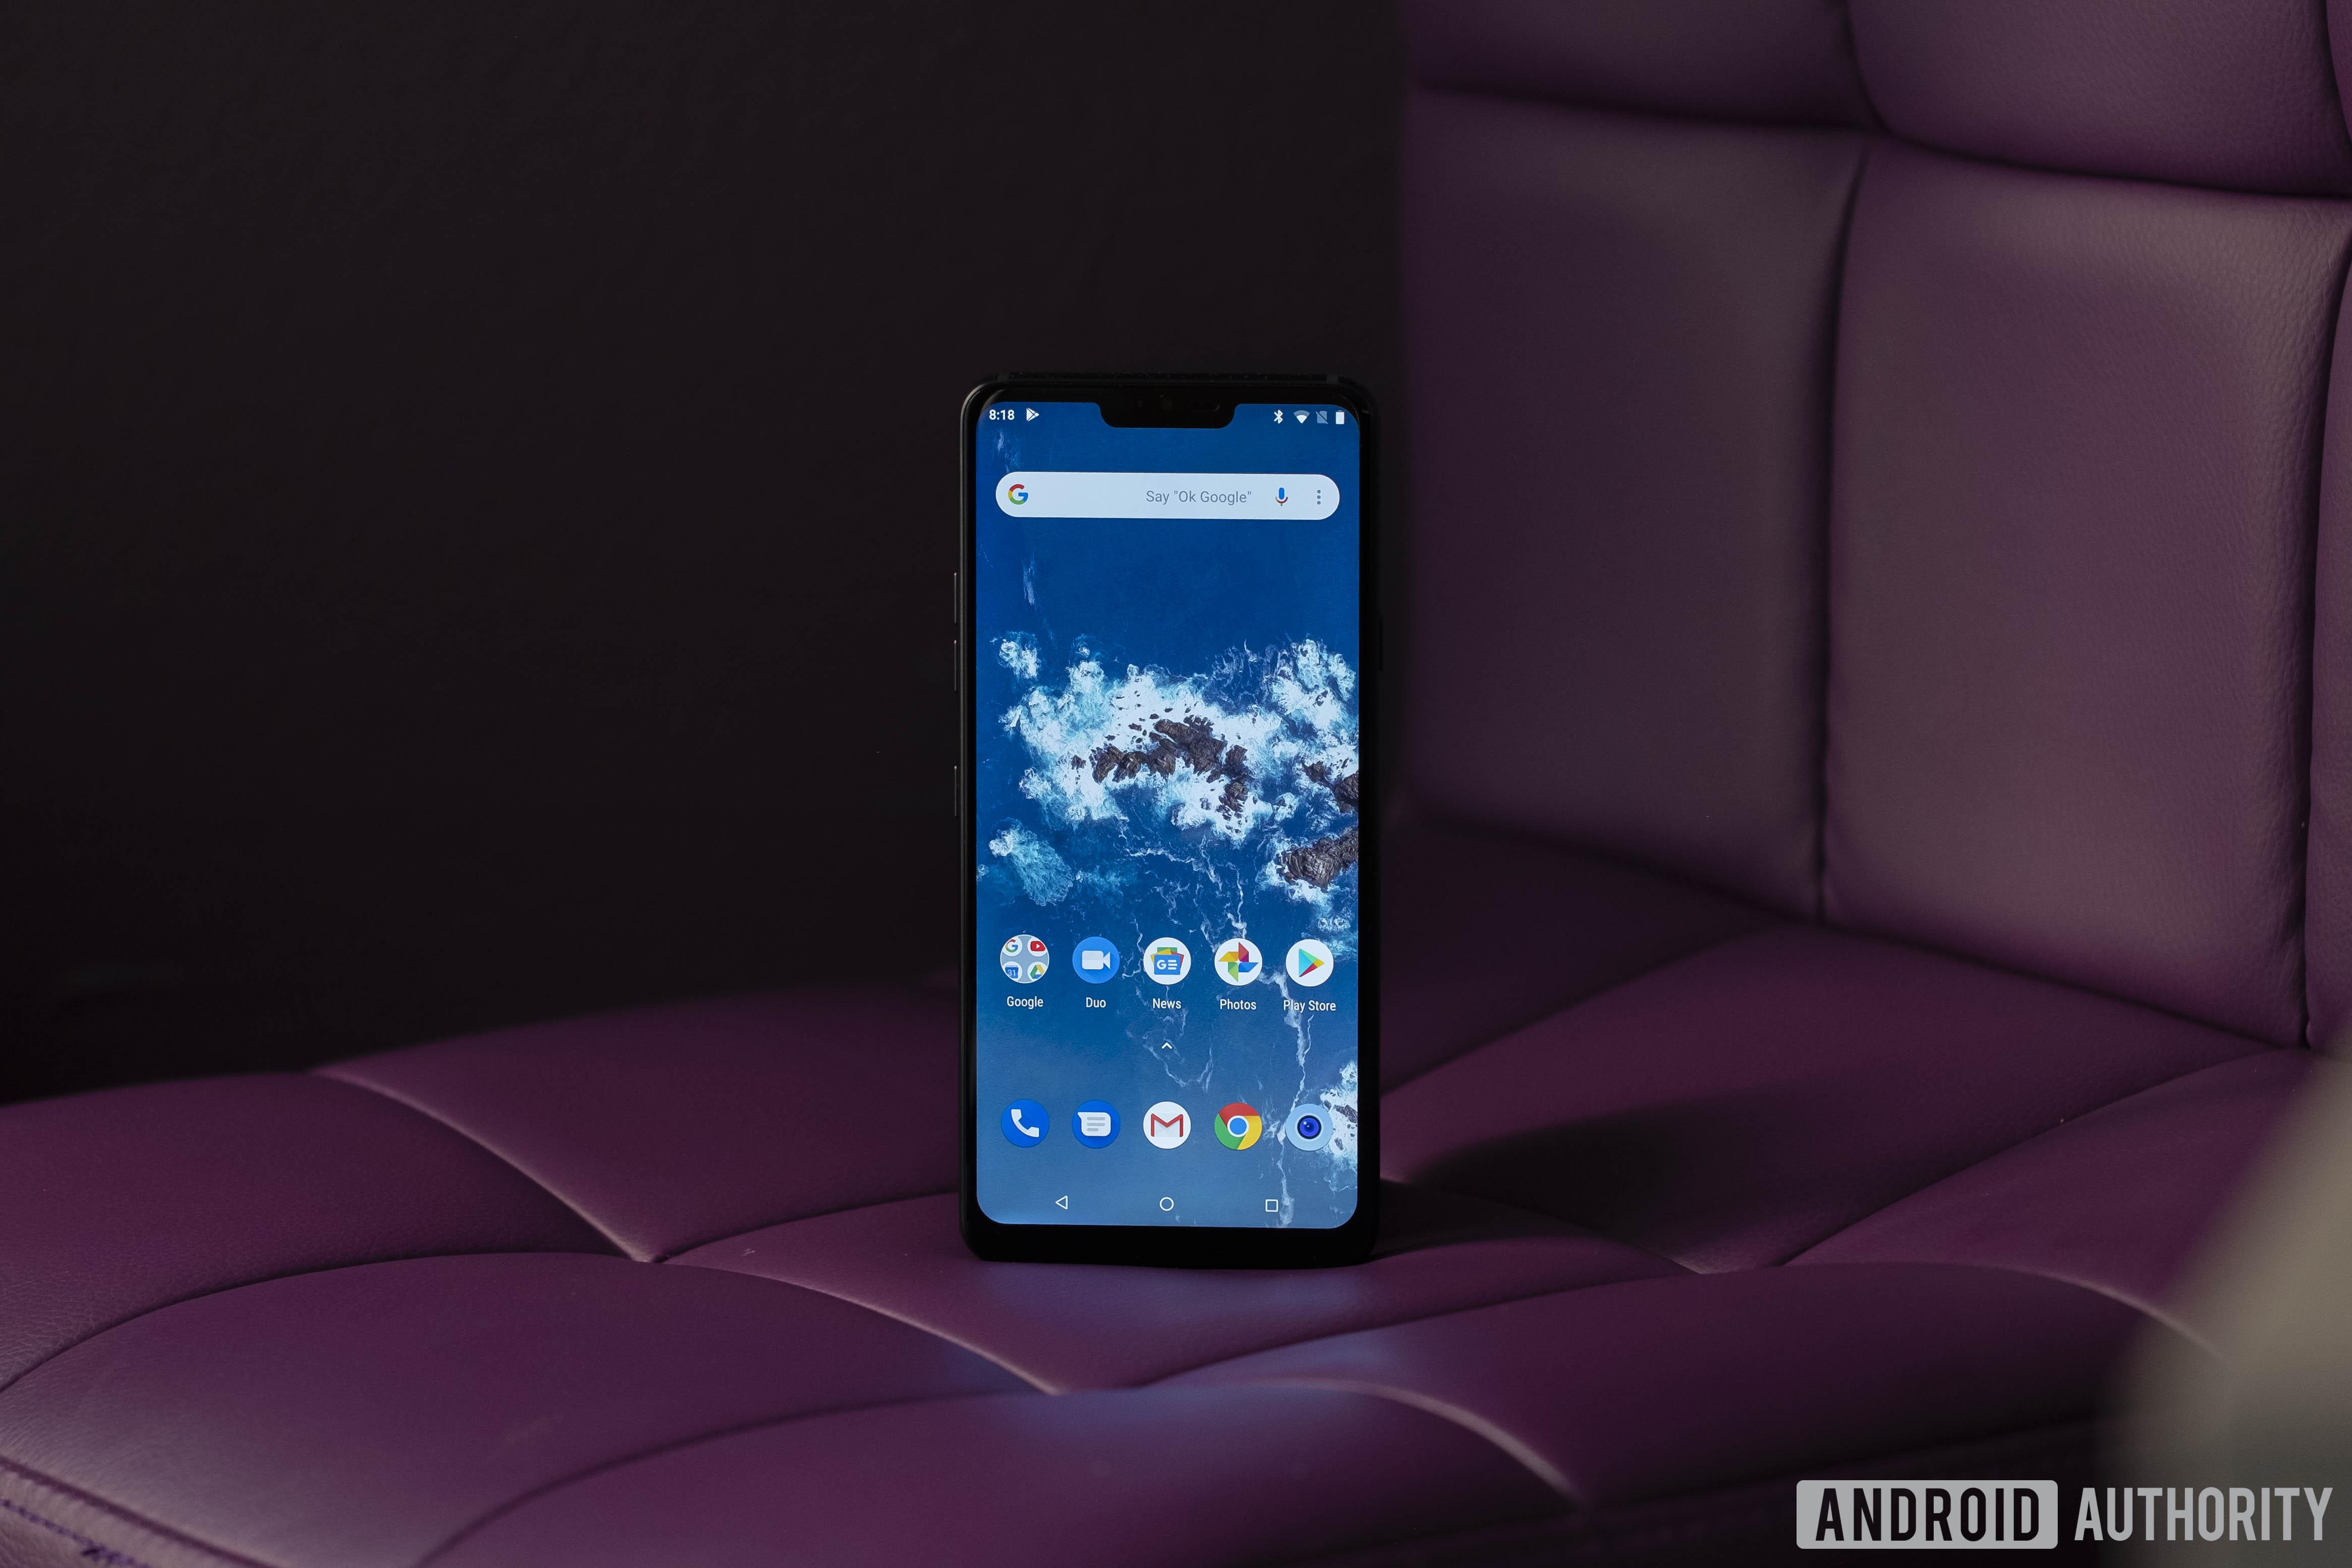 LG G7 One screen